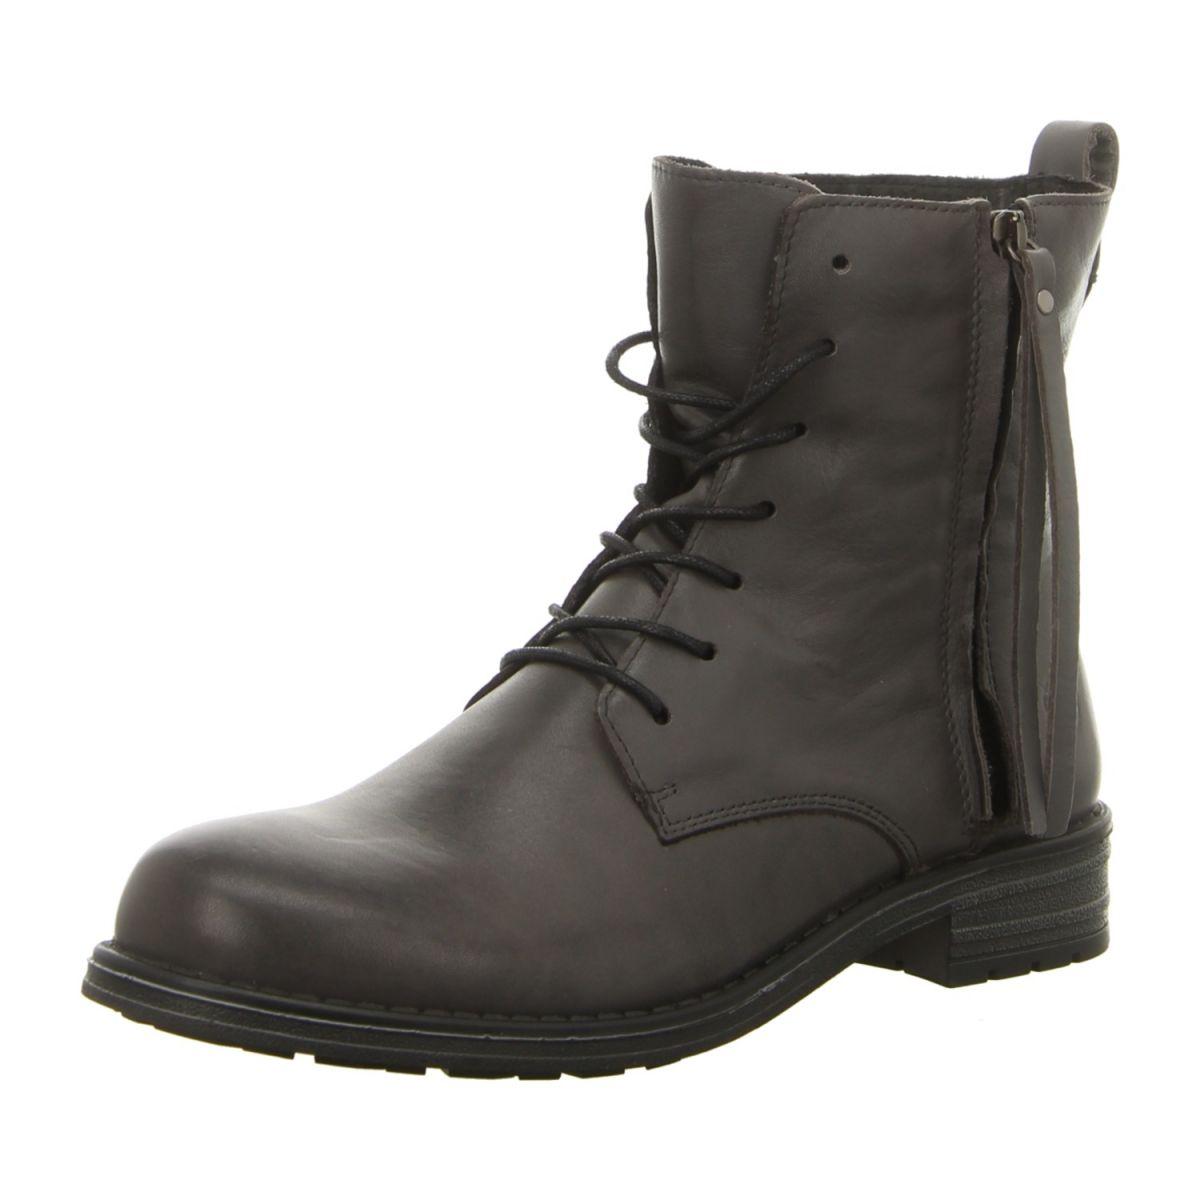 Remonte Schuhe Stiefelette D1787-42 grau (grau) NEU